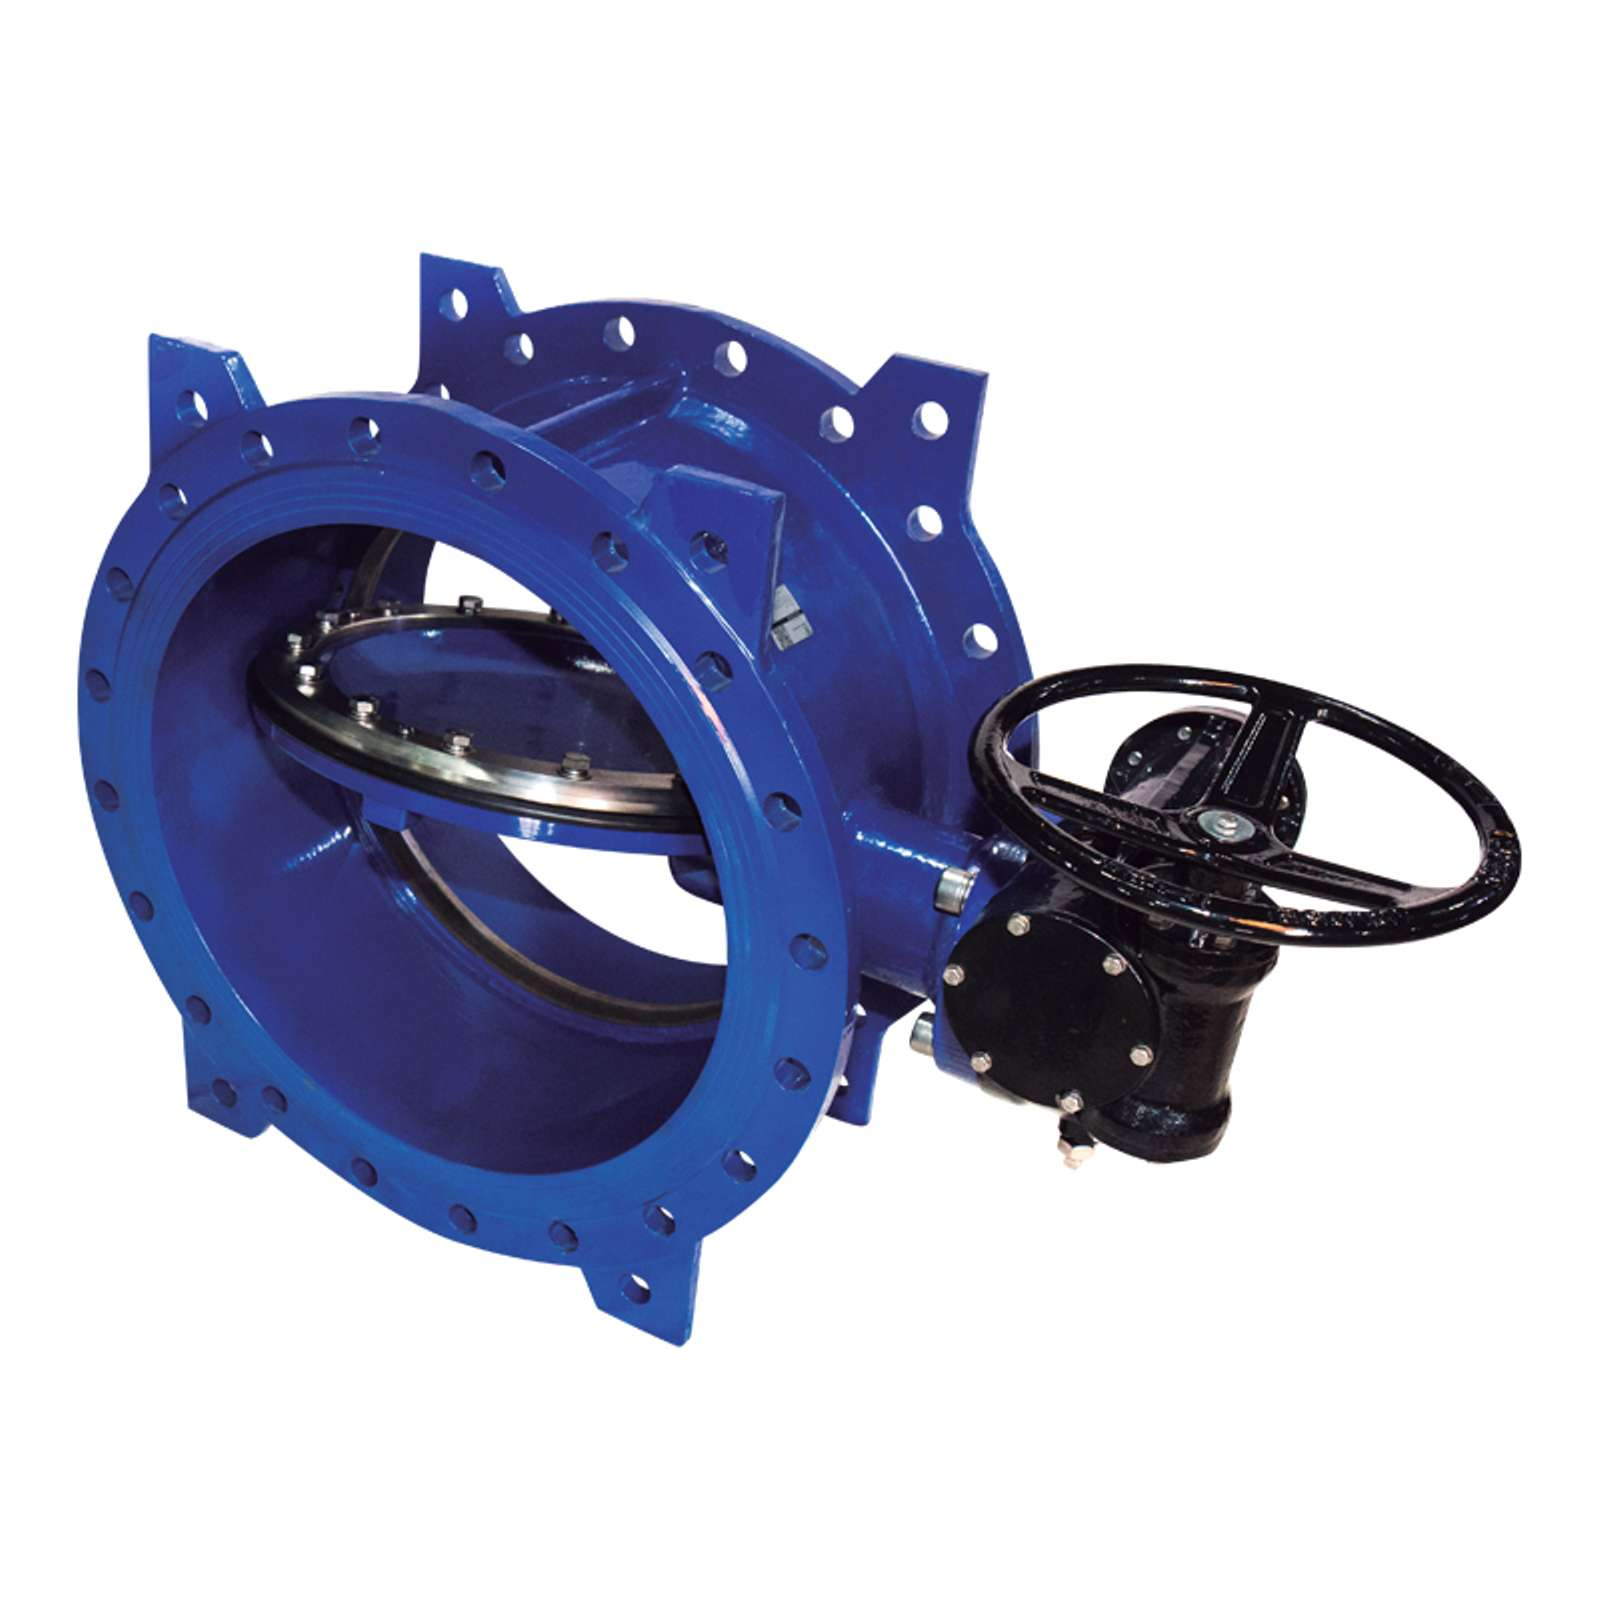 Затвор поворотный дисковый DENDOR тип 023F Ду1000 Ру16 с электроприводом